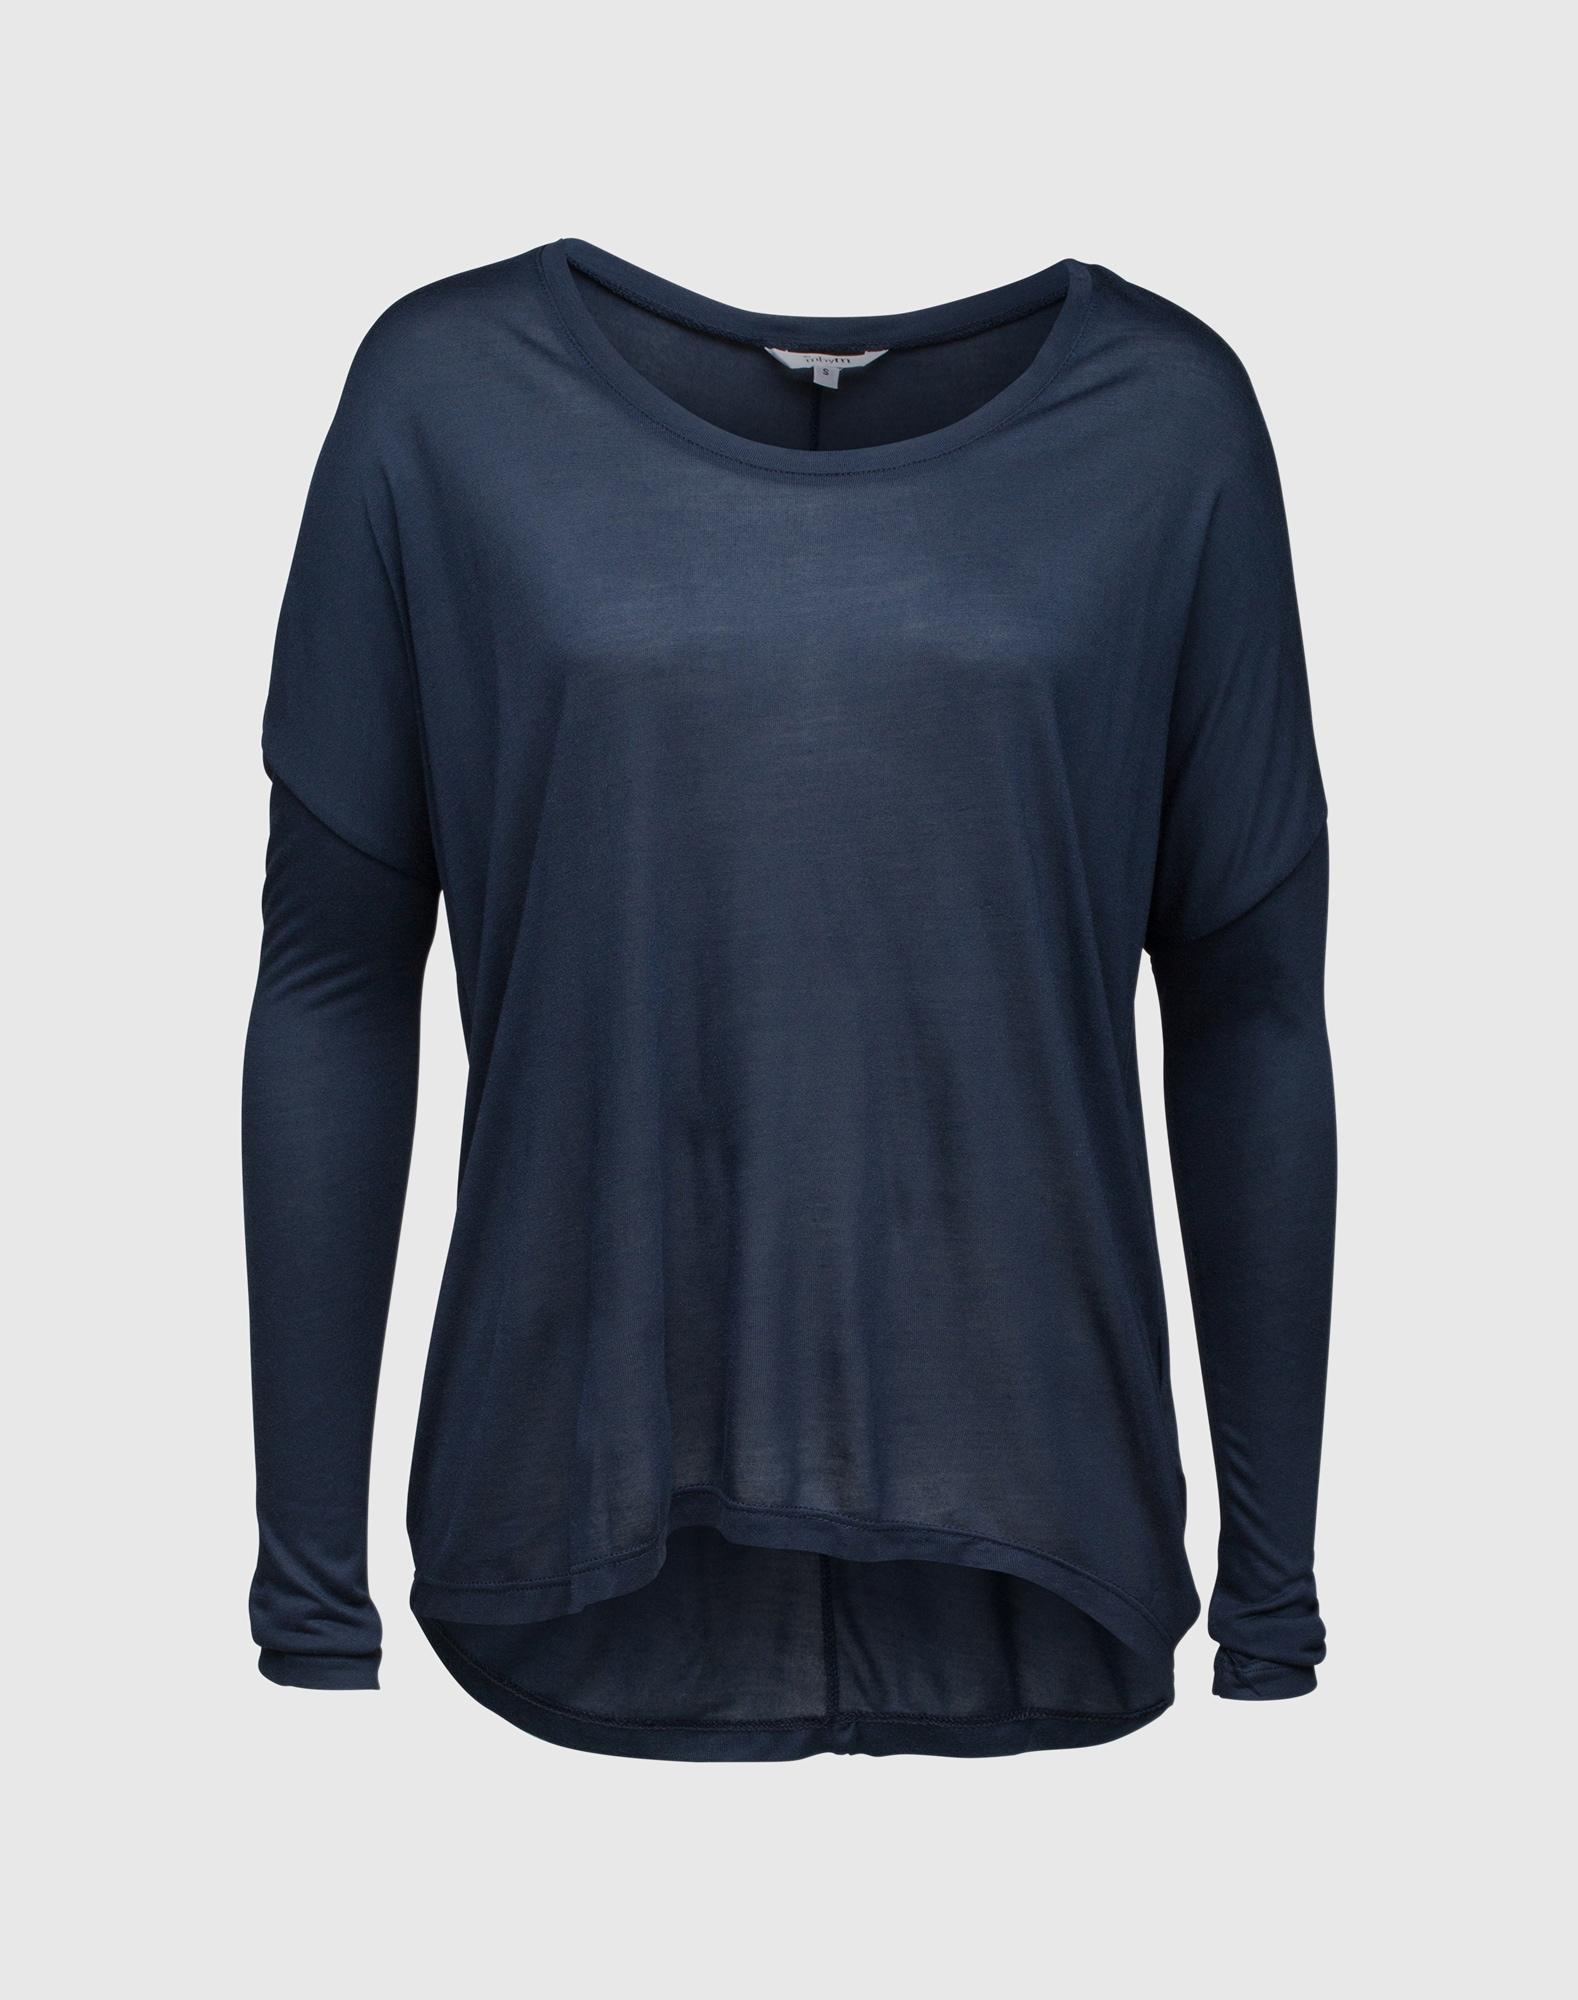 Mbym, Dames Oversized shirt 'Petrol', blauw - donkerblauw